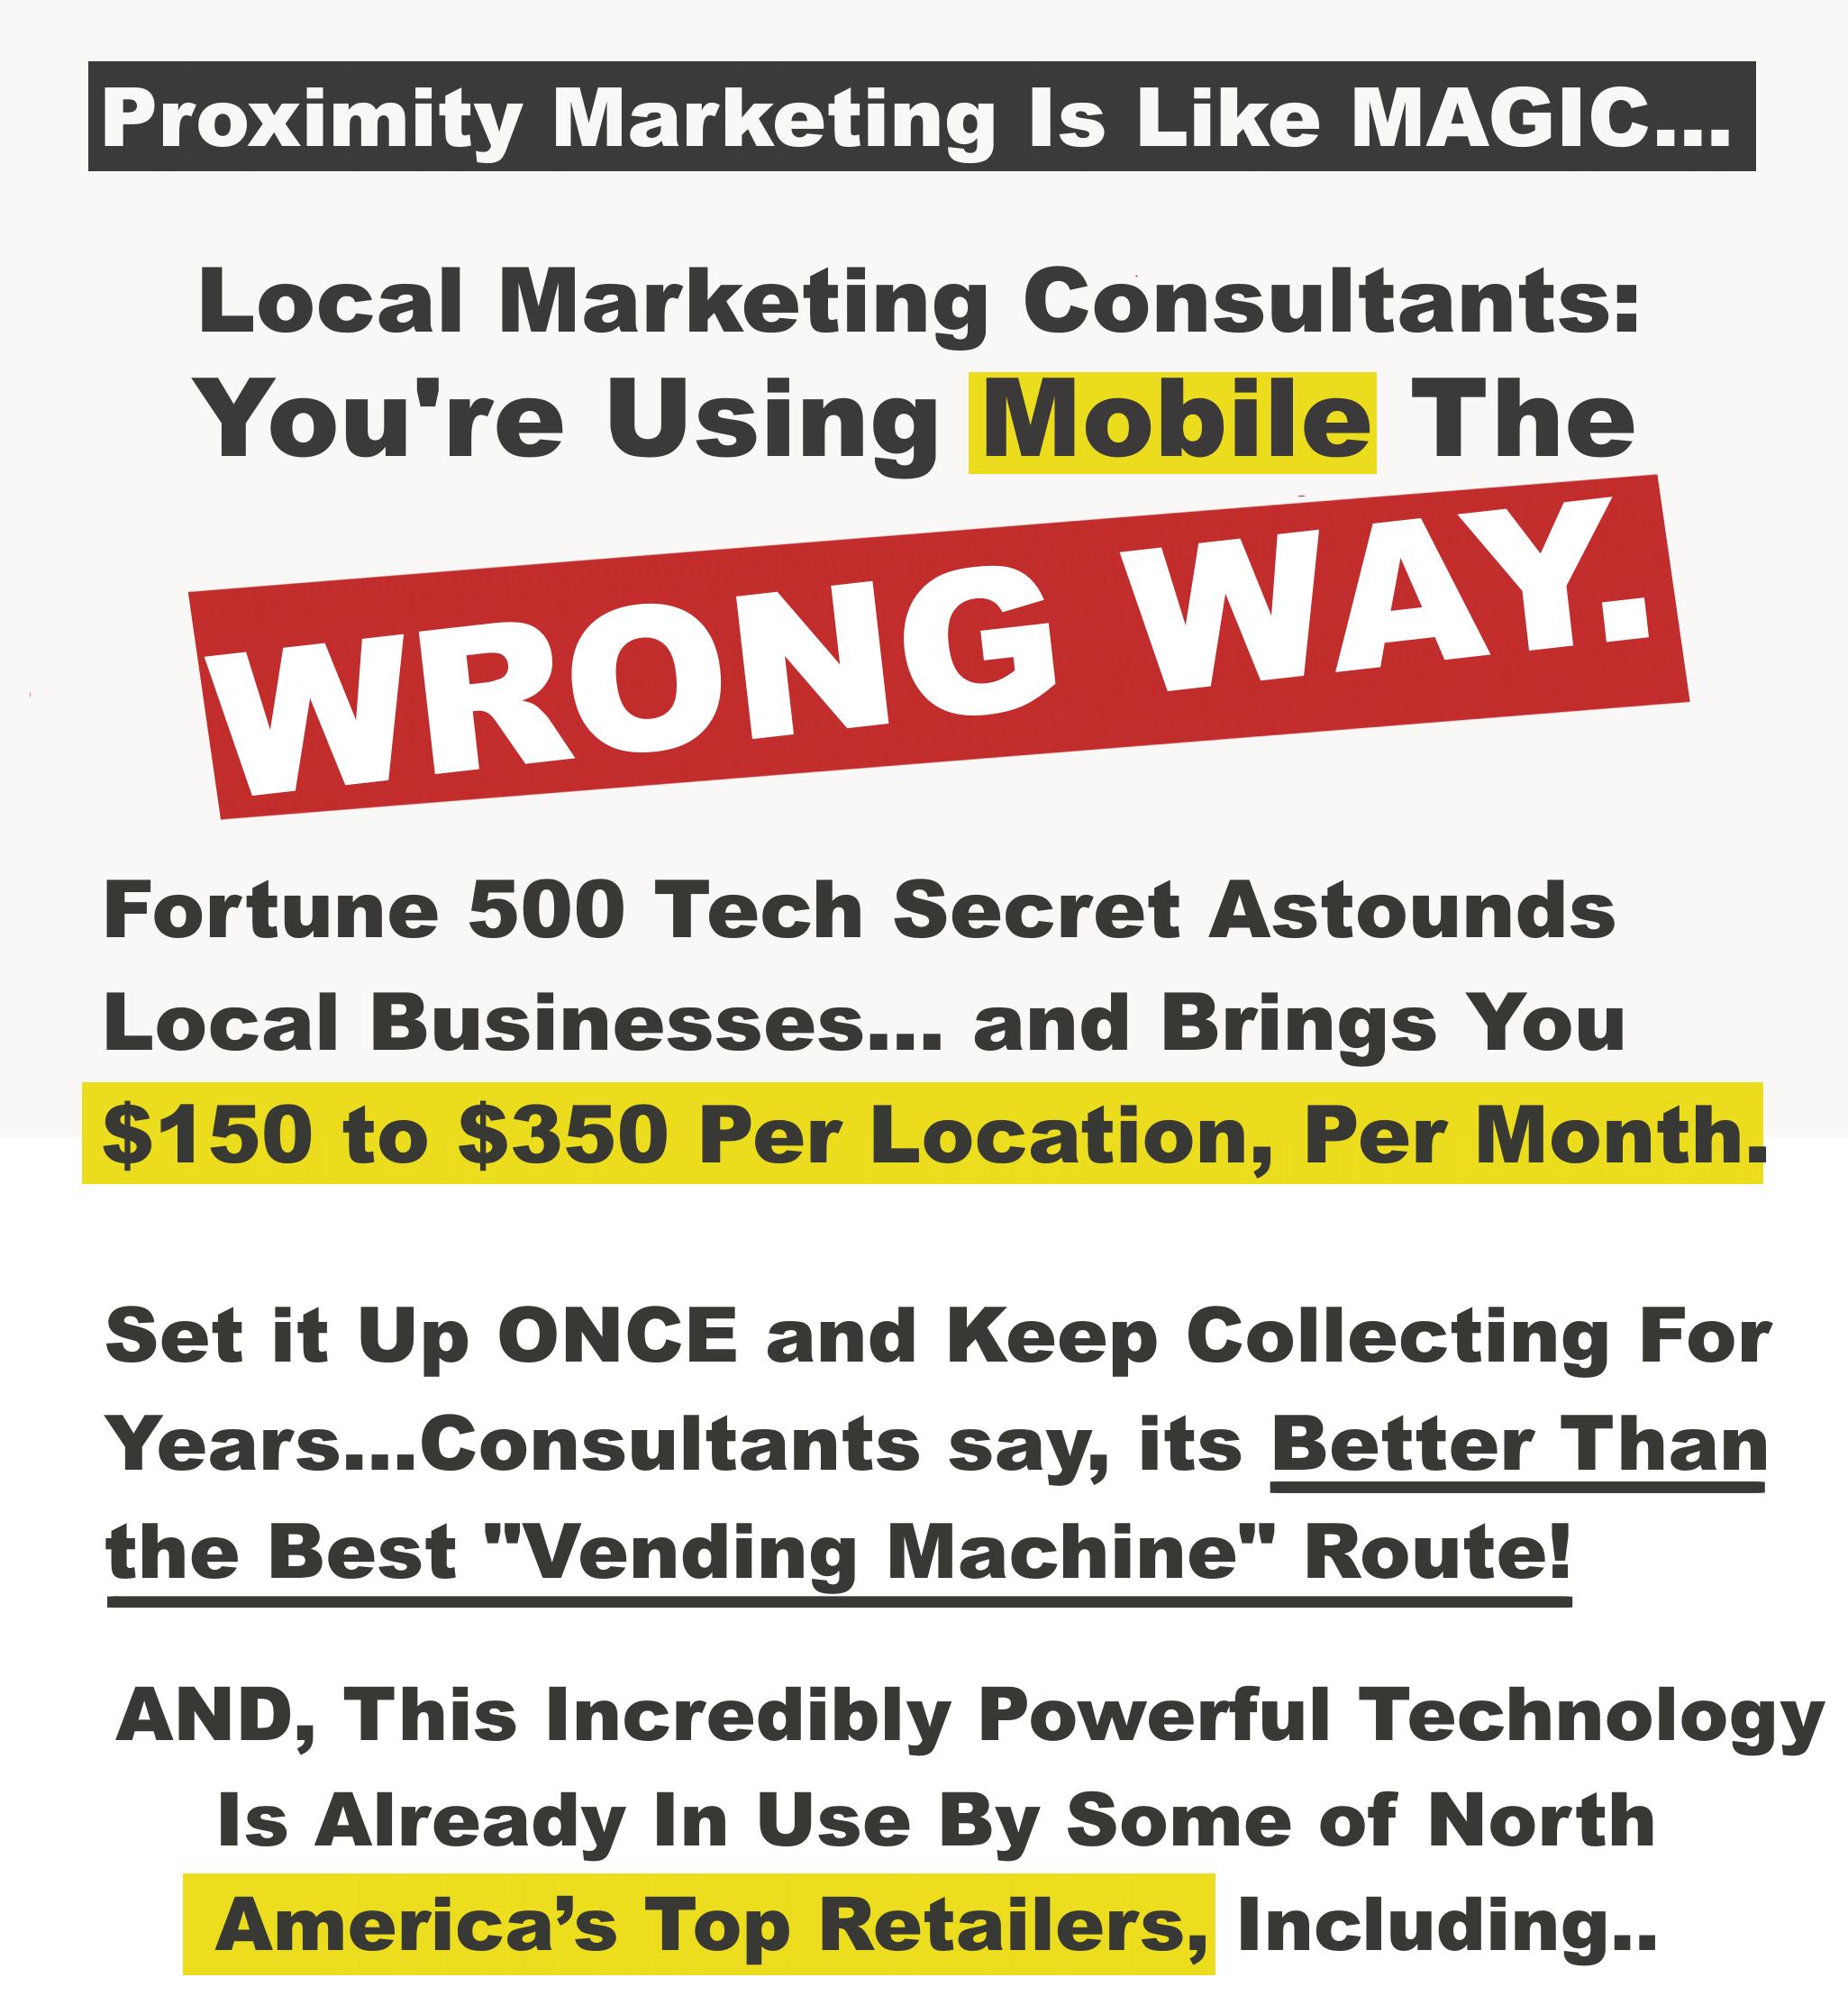 教你如何近距离营销改变客户体验,增加品牌亲和力,并自动推动销售。(Offline Proximity Paydays)